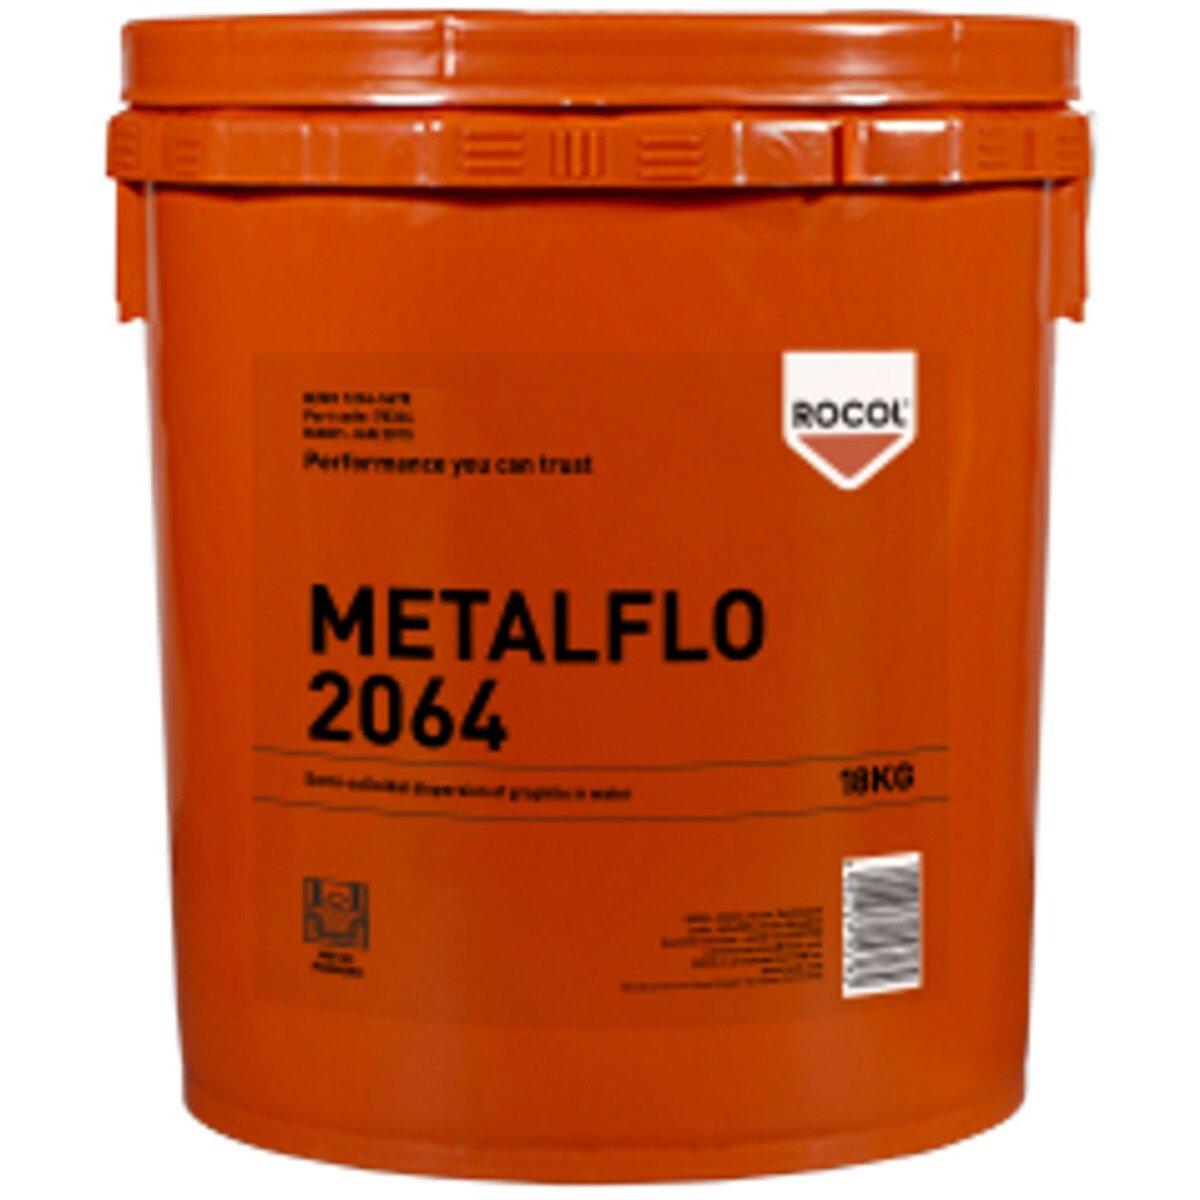 Rocol 78344 Metalflo 2064 Semi-Colloidal Dispersion of Graphite in Water 18kg